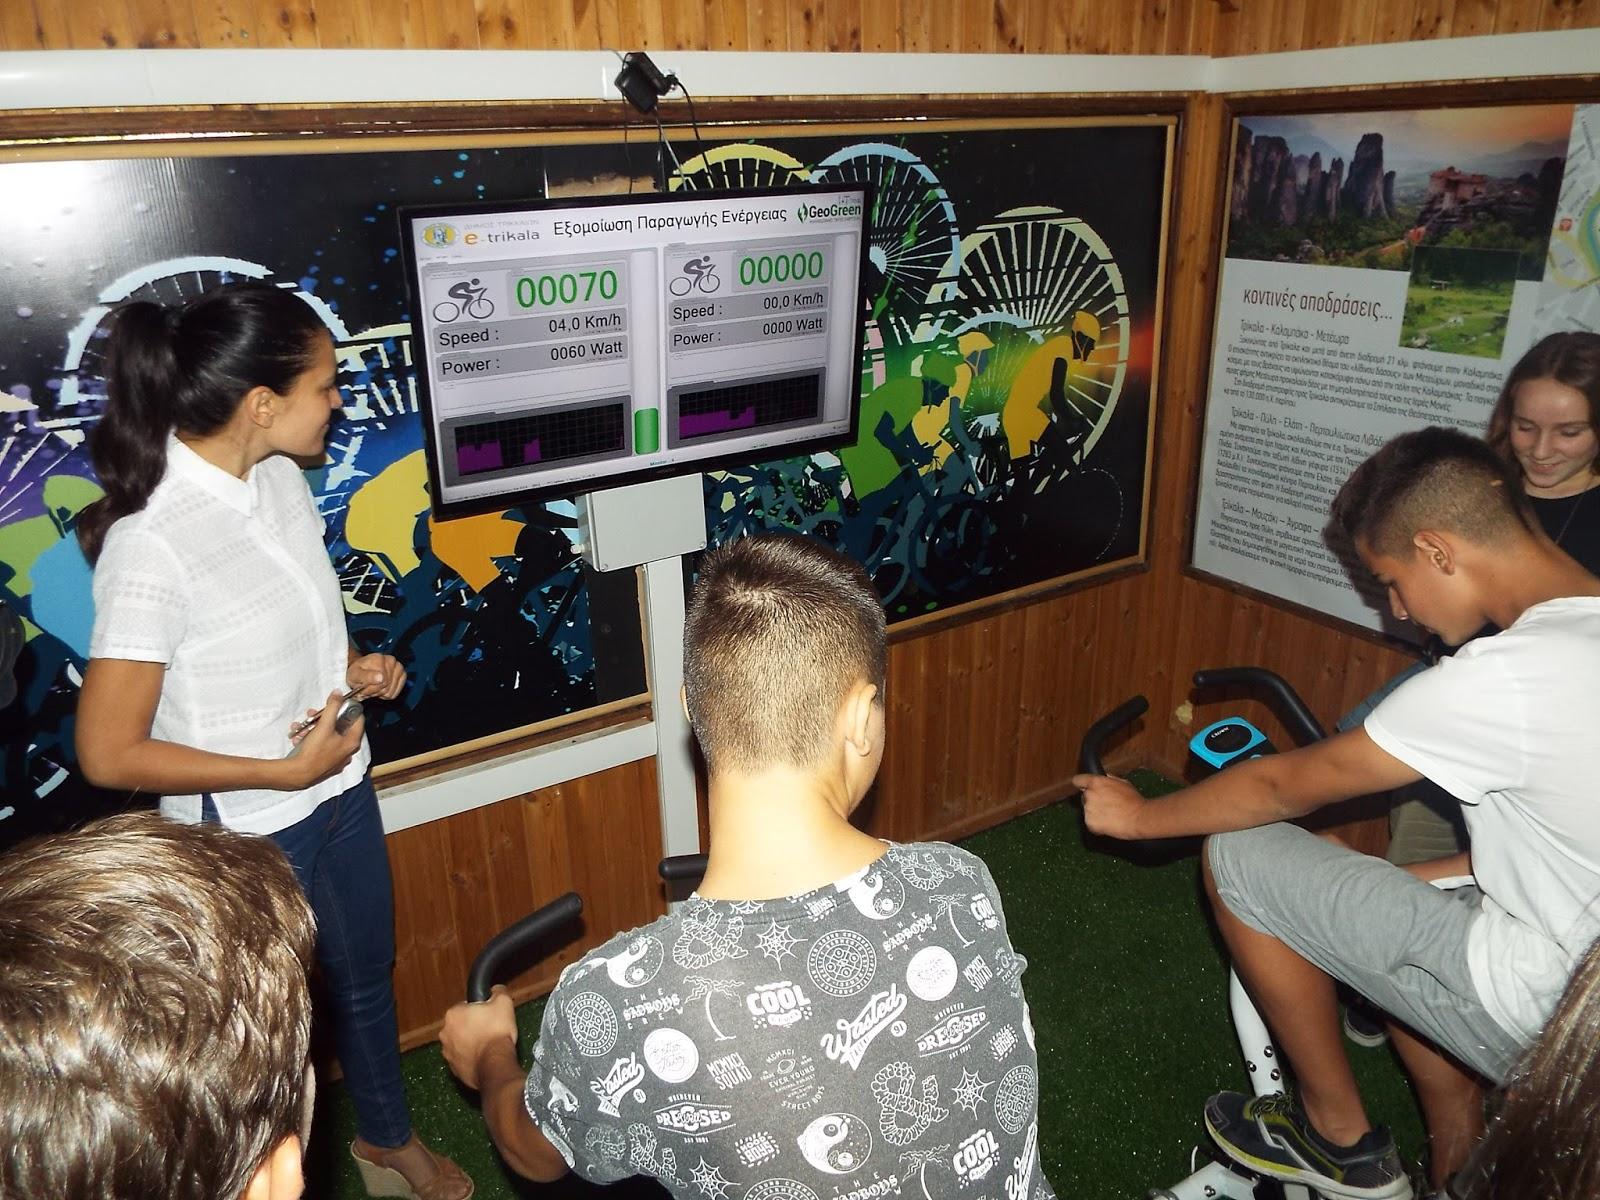 Επίσκεψη μαθητών των Τρικάλων στο Ενεργειακό Κέντρο του Δήμου (ΦΩΤΟ)